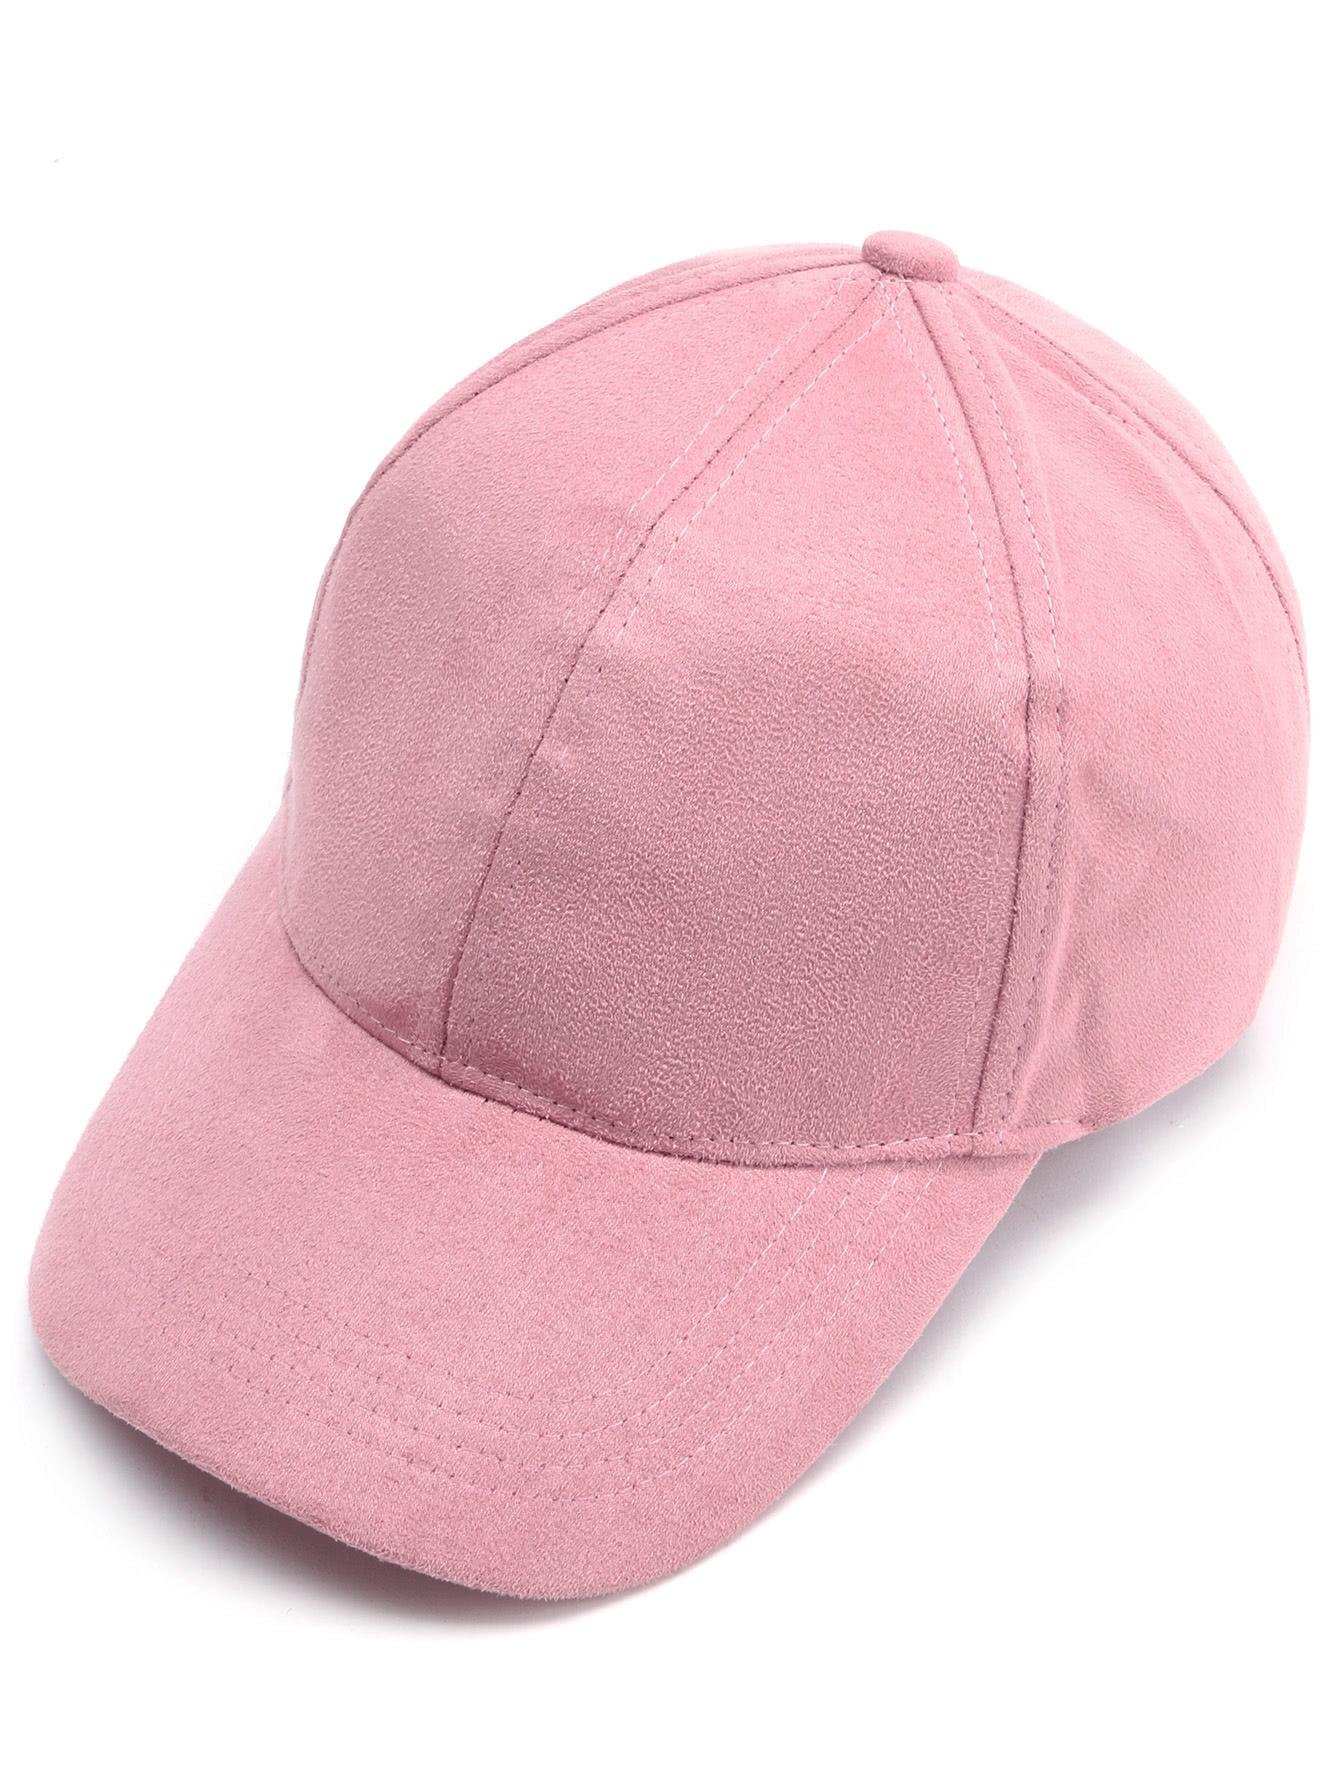 hat160912303_2